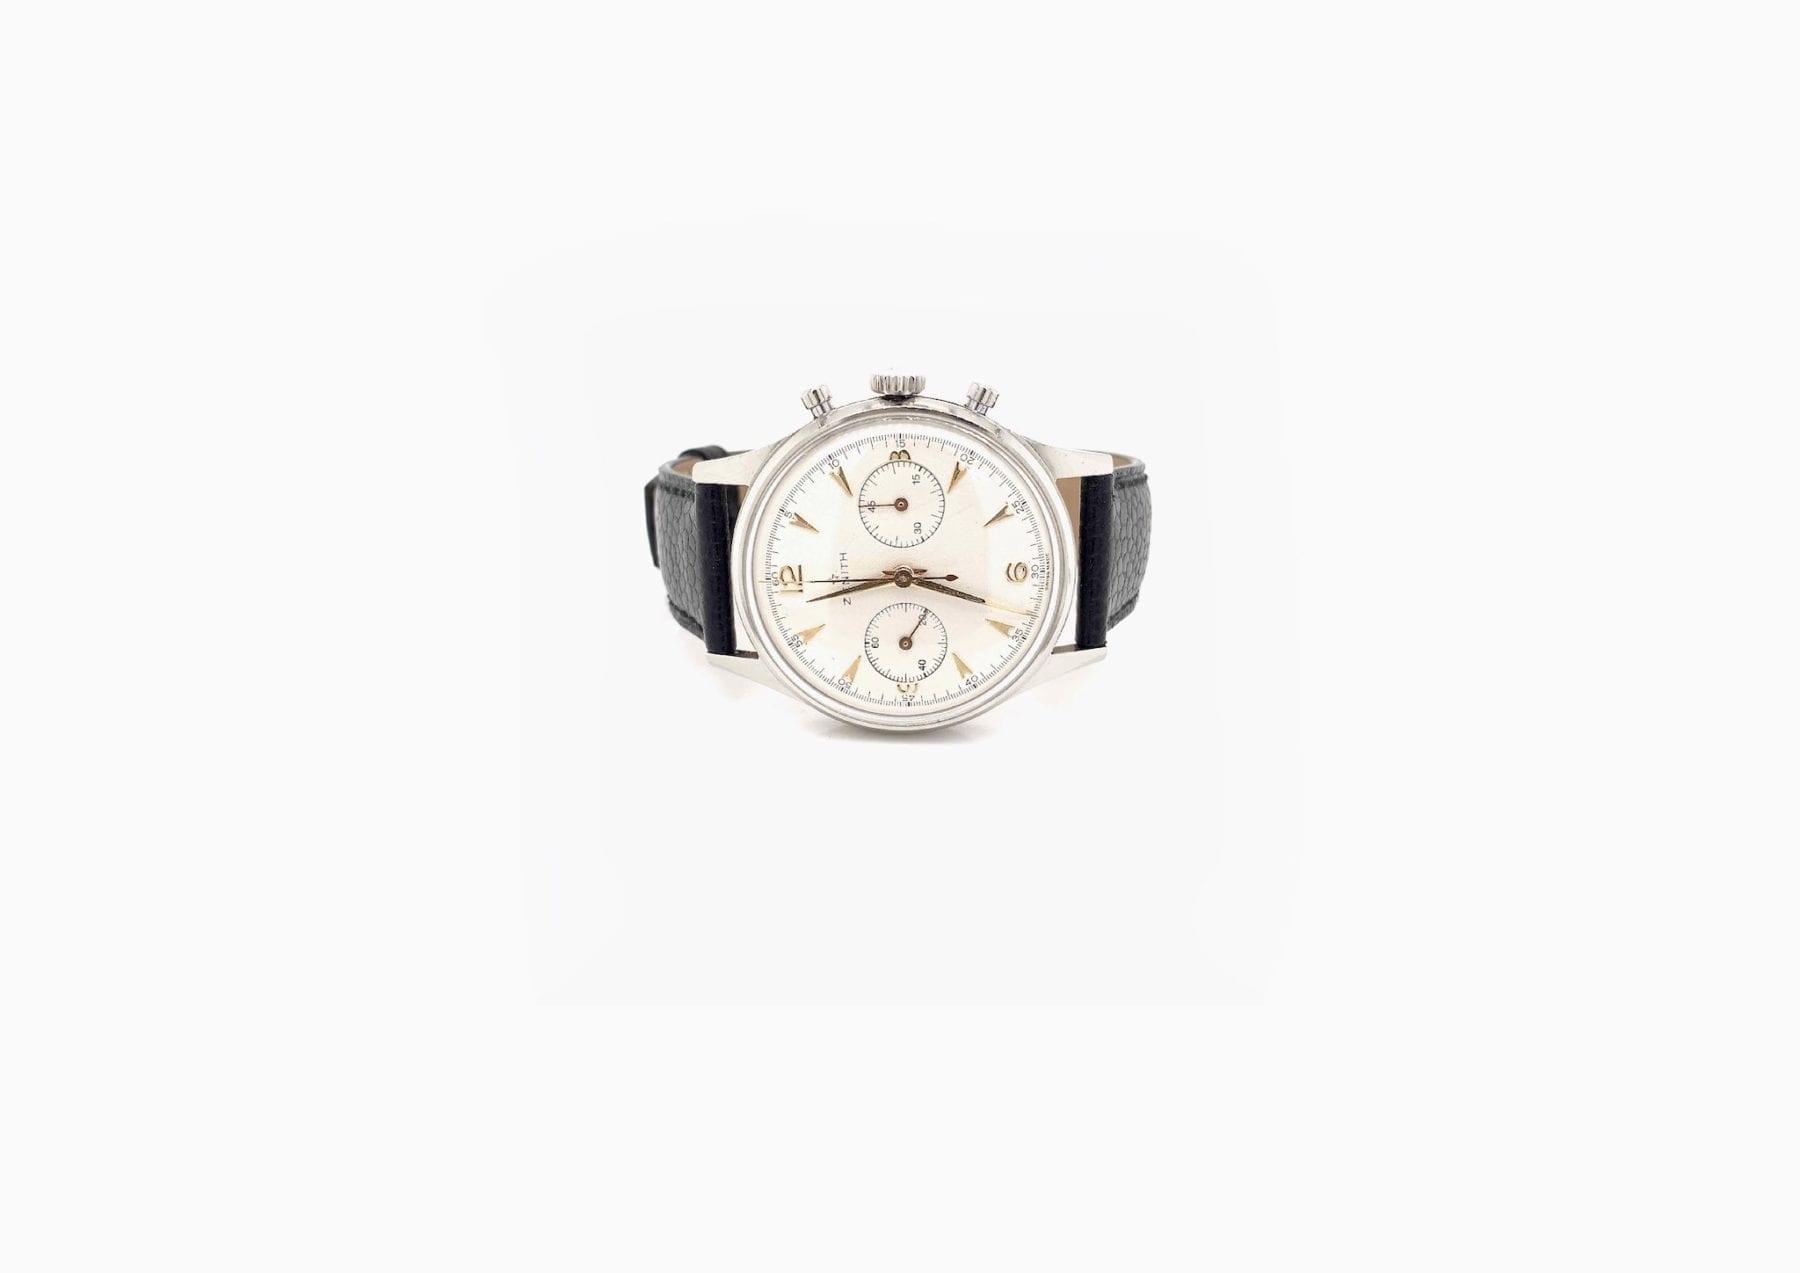 Montre Zenith Cal.136 chrono mouvement mécanique